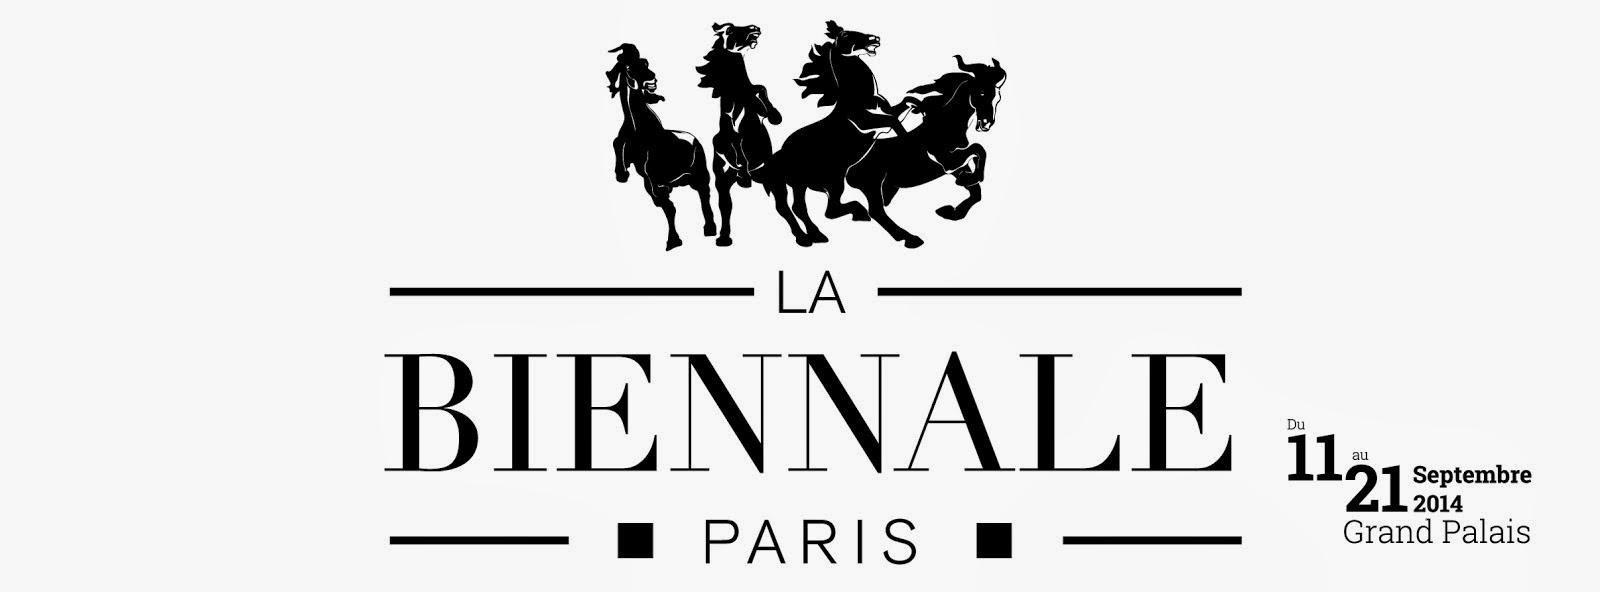 XXVII EDICIÓN DE LA BIENAL DE ANTICUARIOS DE PARIS